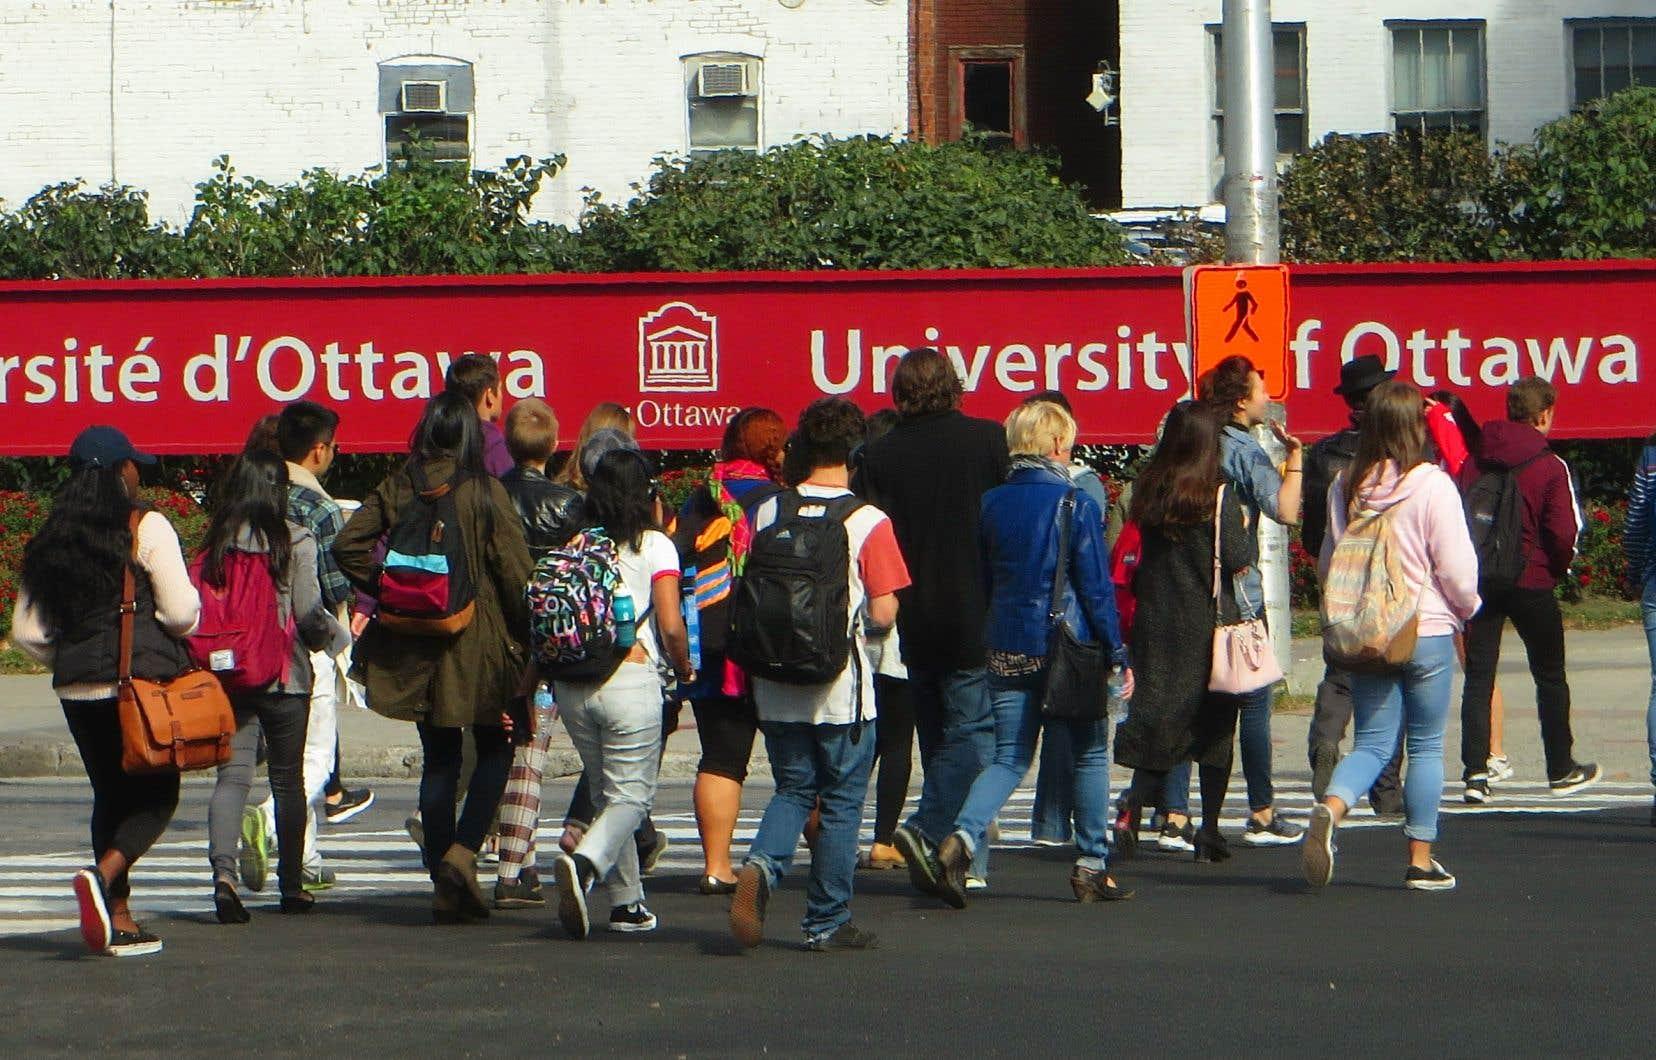 Le débat enflammé autour du mot en n mentionné par une professeure de l'Université d'Ottawa s'explique par l'exaspération du milieu universitaire face au racisme, selon des étudiants et des professeurs interrogés par «Le Devoir».